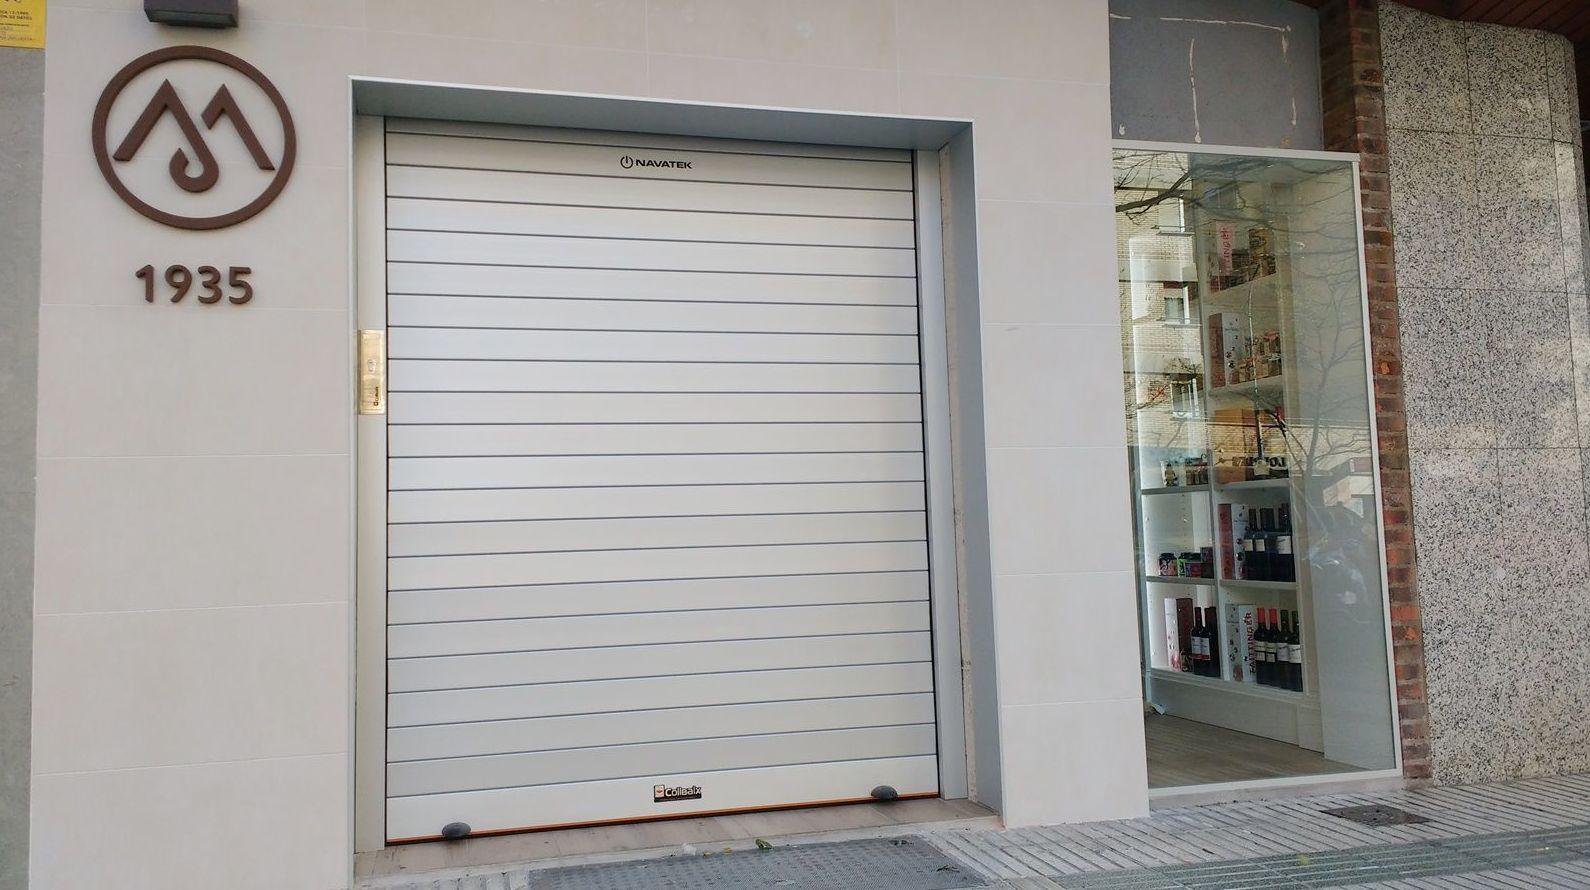 Foto 122 de Puertas automáticas en Galar | Navatek Puertas Automáticas, S.L.